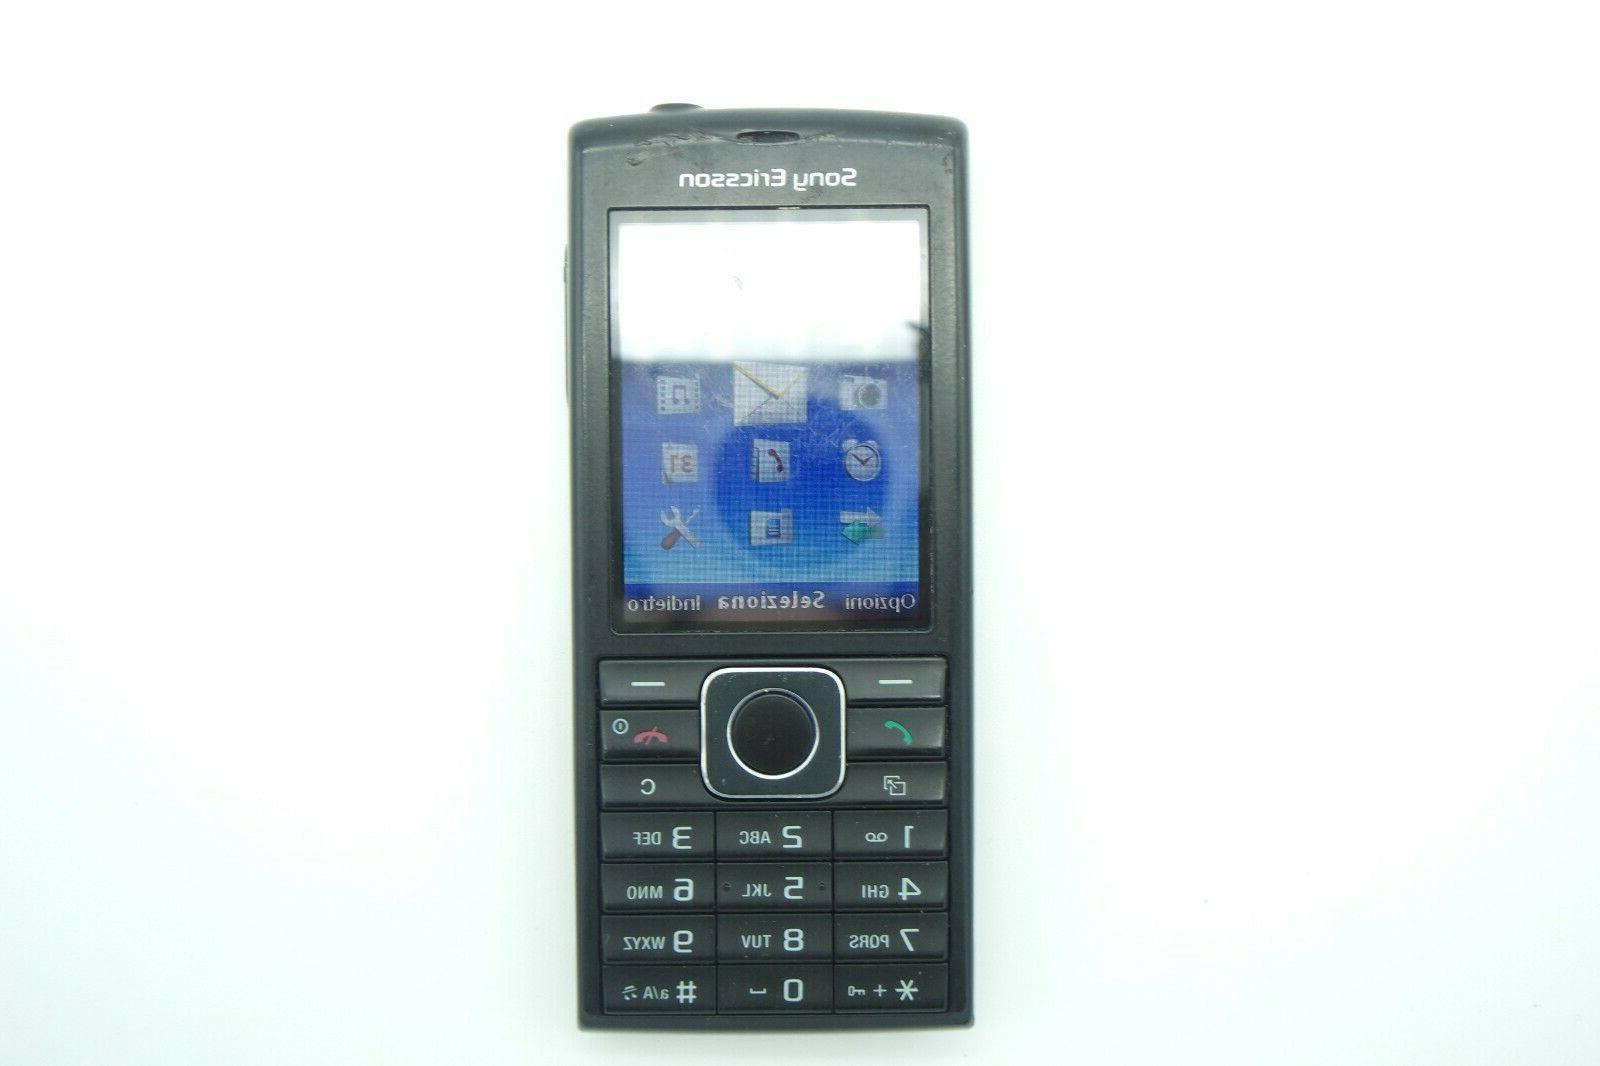 j108i telefono cellulare usato funzionante